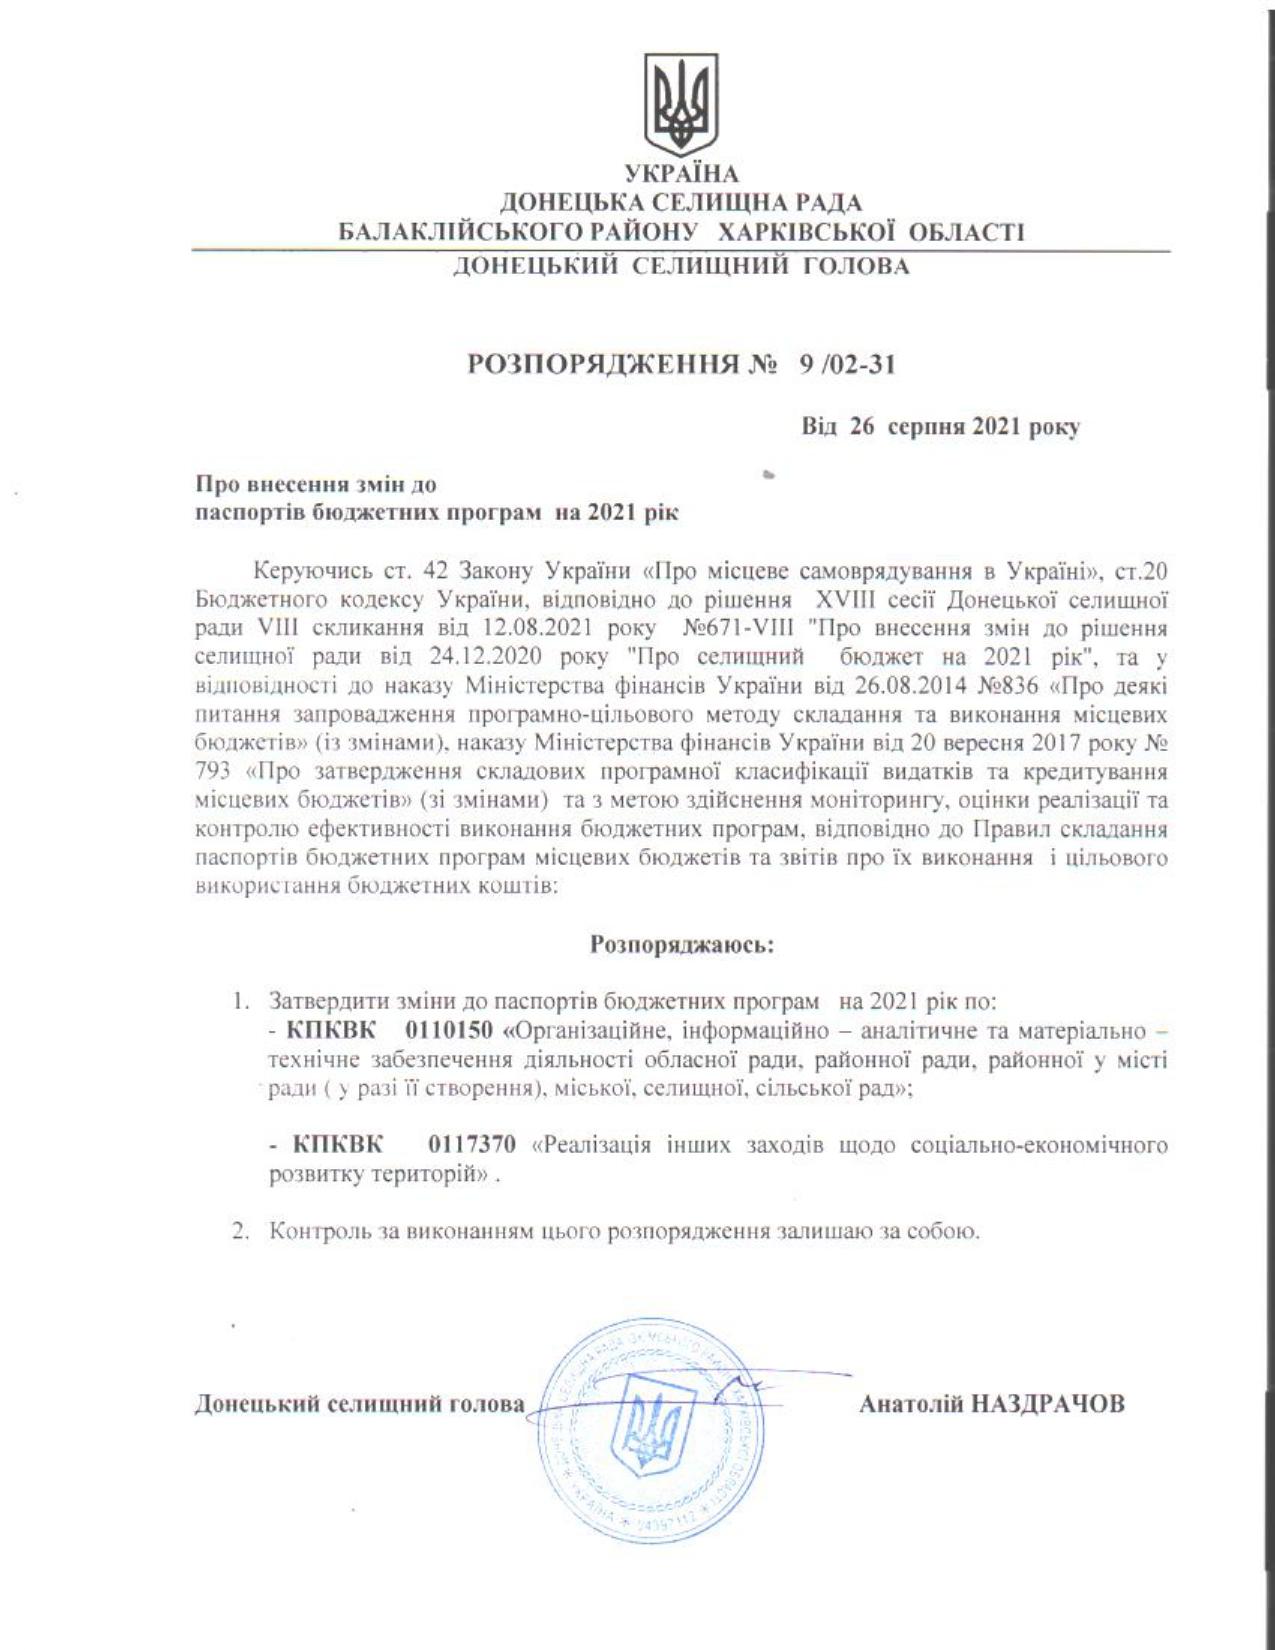 Розпорядження № 9/02-31 від 26 серпня 2021 року